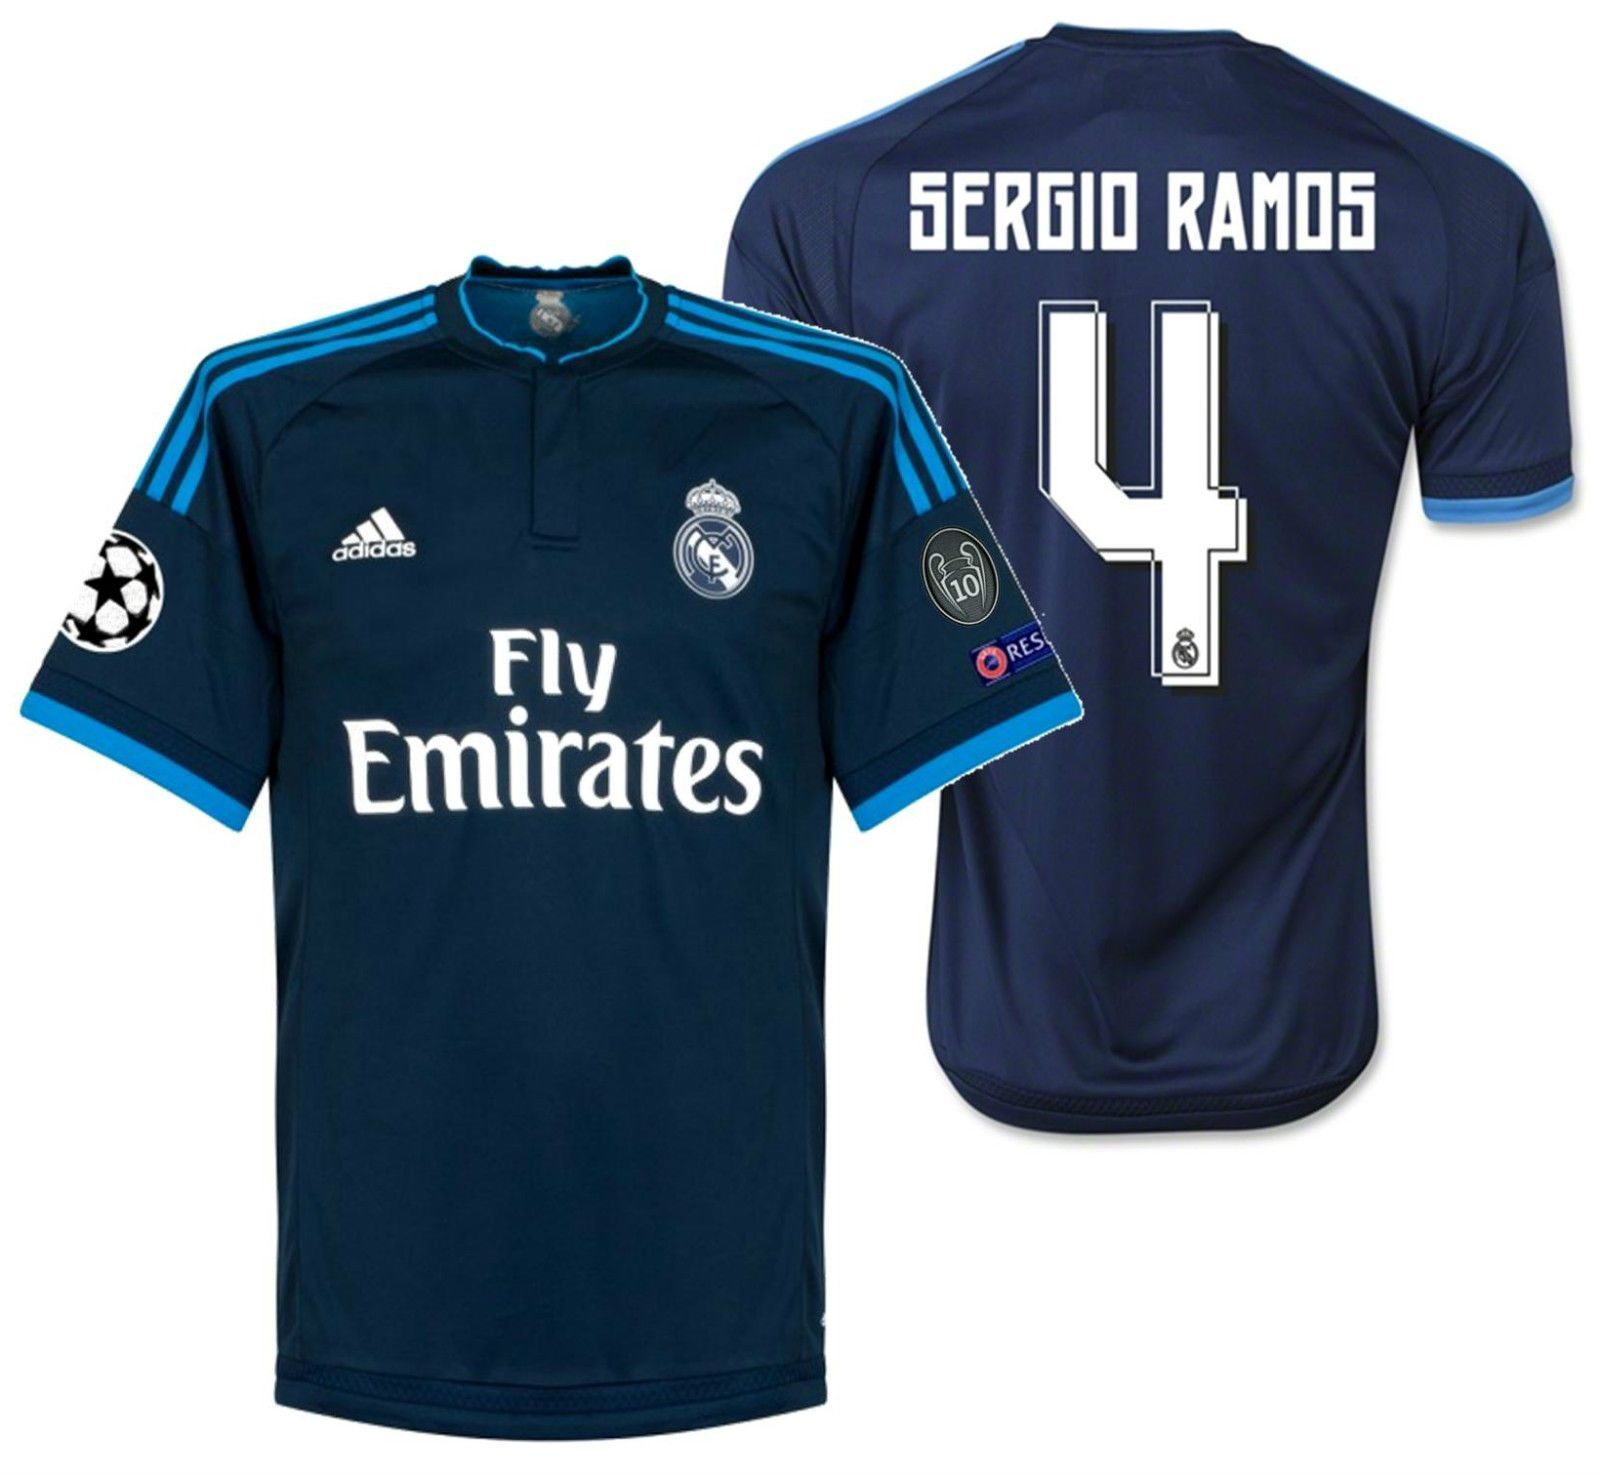 Adidas Sergio Ramos Real Madrid Uefa Champions League Third Jersey 2015 16 Sergio Ramos Uefa Champions League Real Madrid